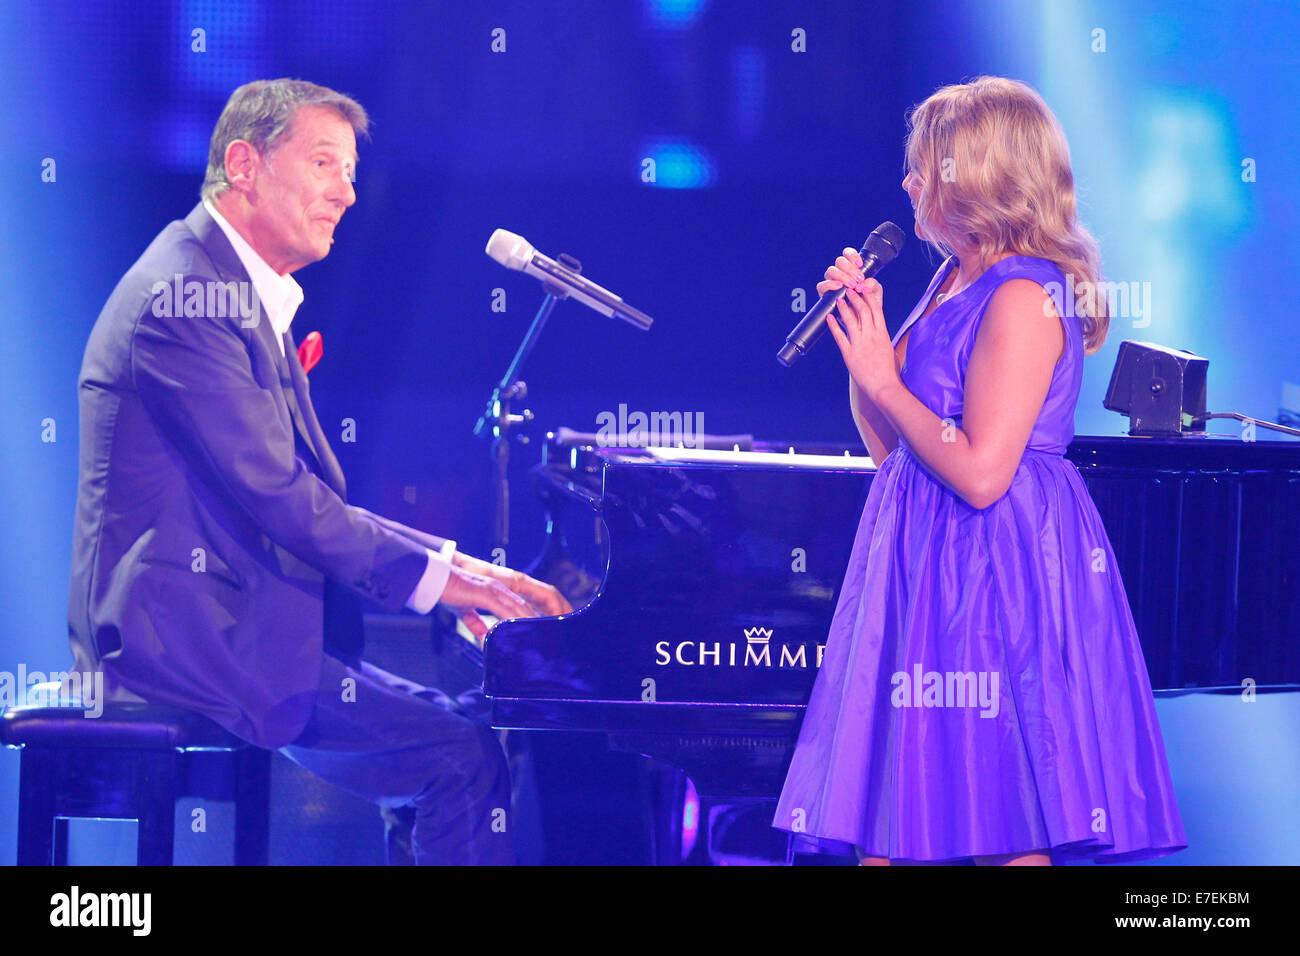 Freiburg Deutschland 1 September 2014 Zdf Gala Tv Show Für Udo